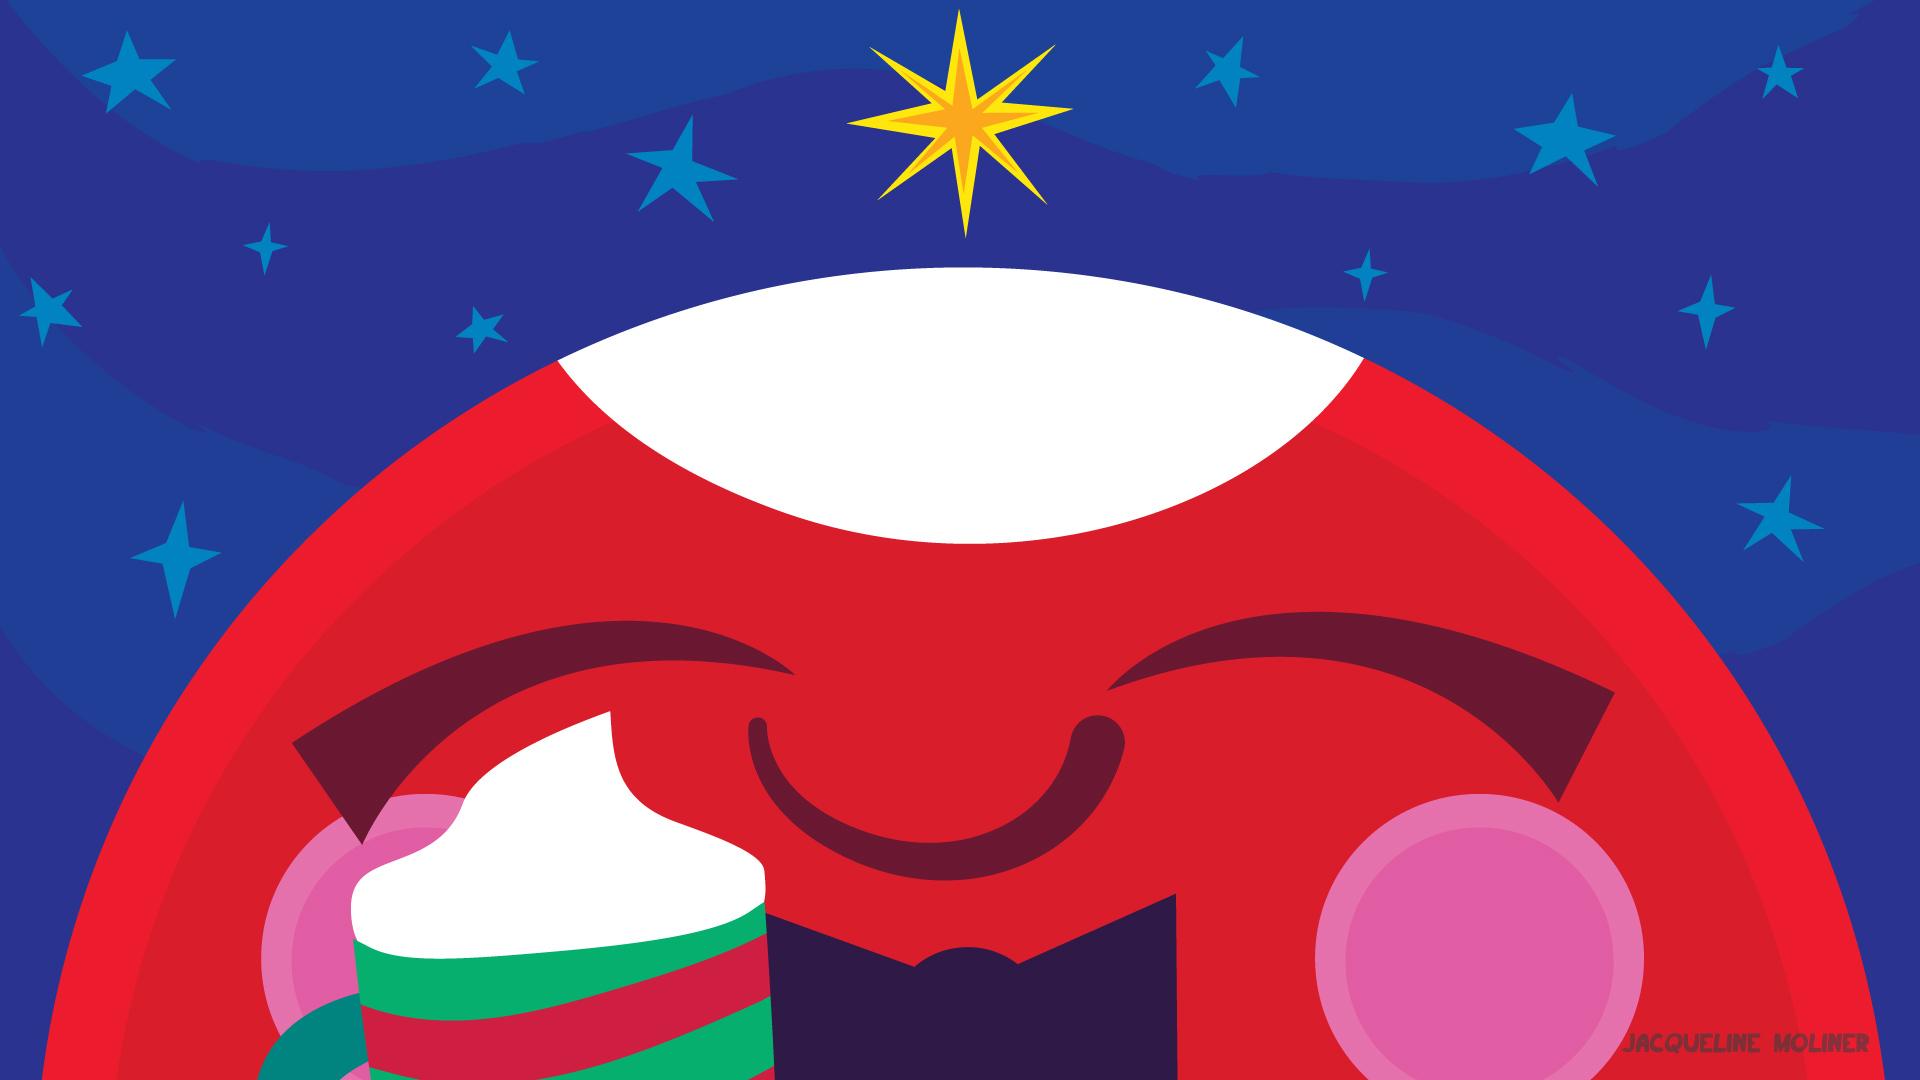 Mars Holiday Wallpaper